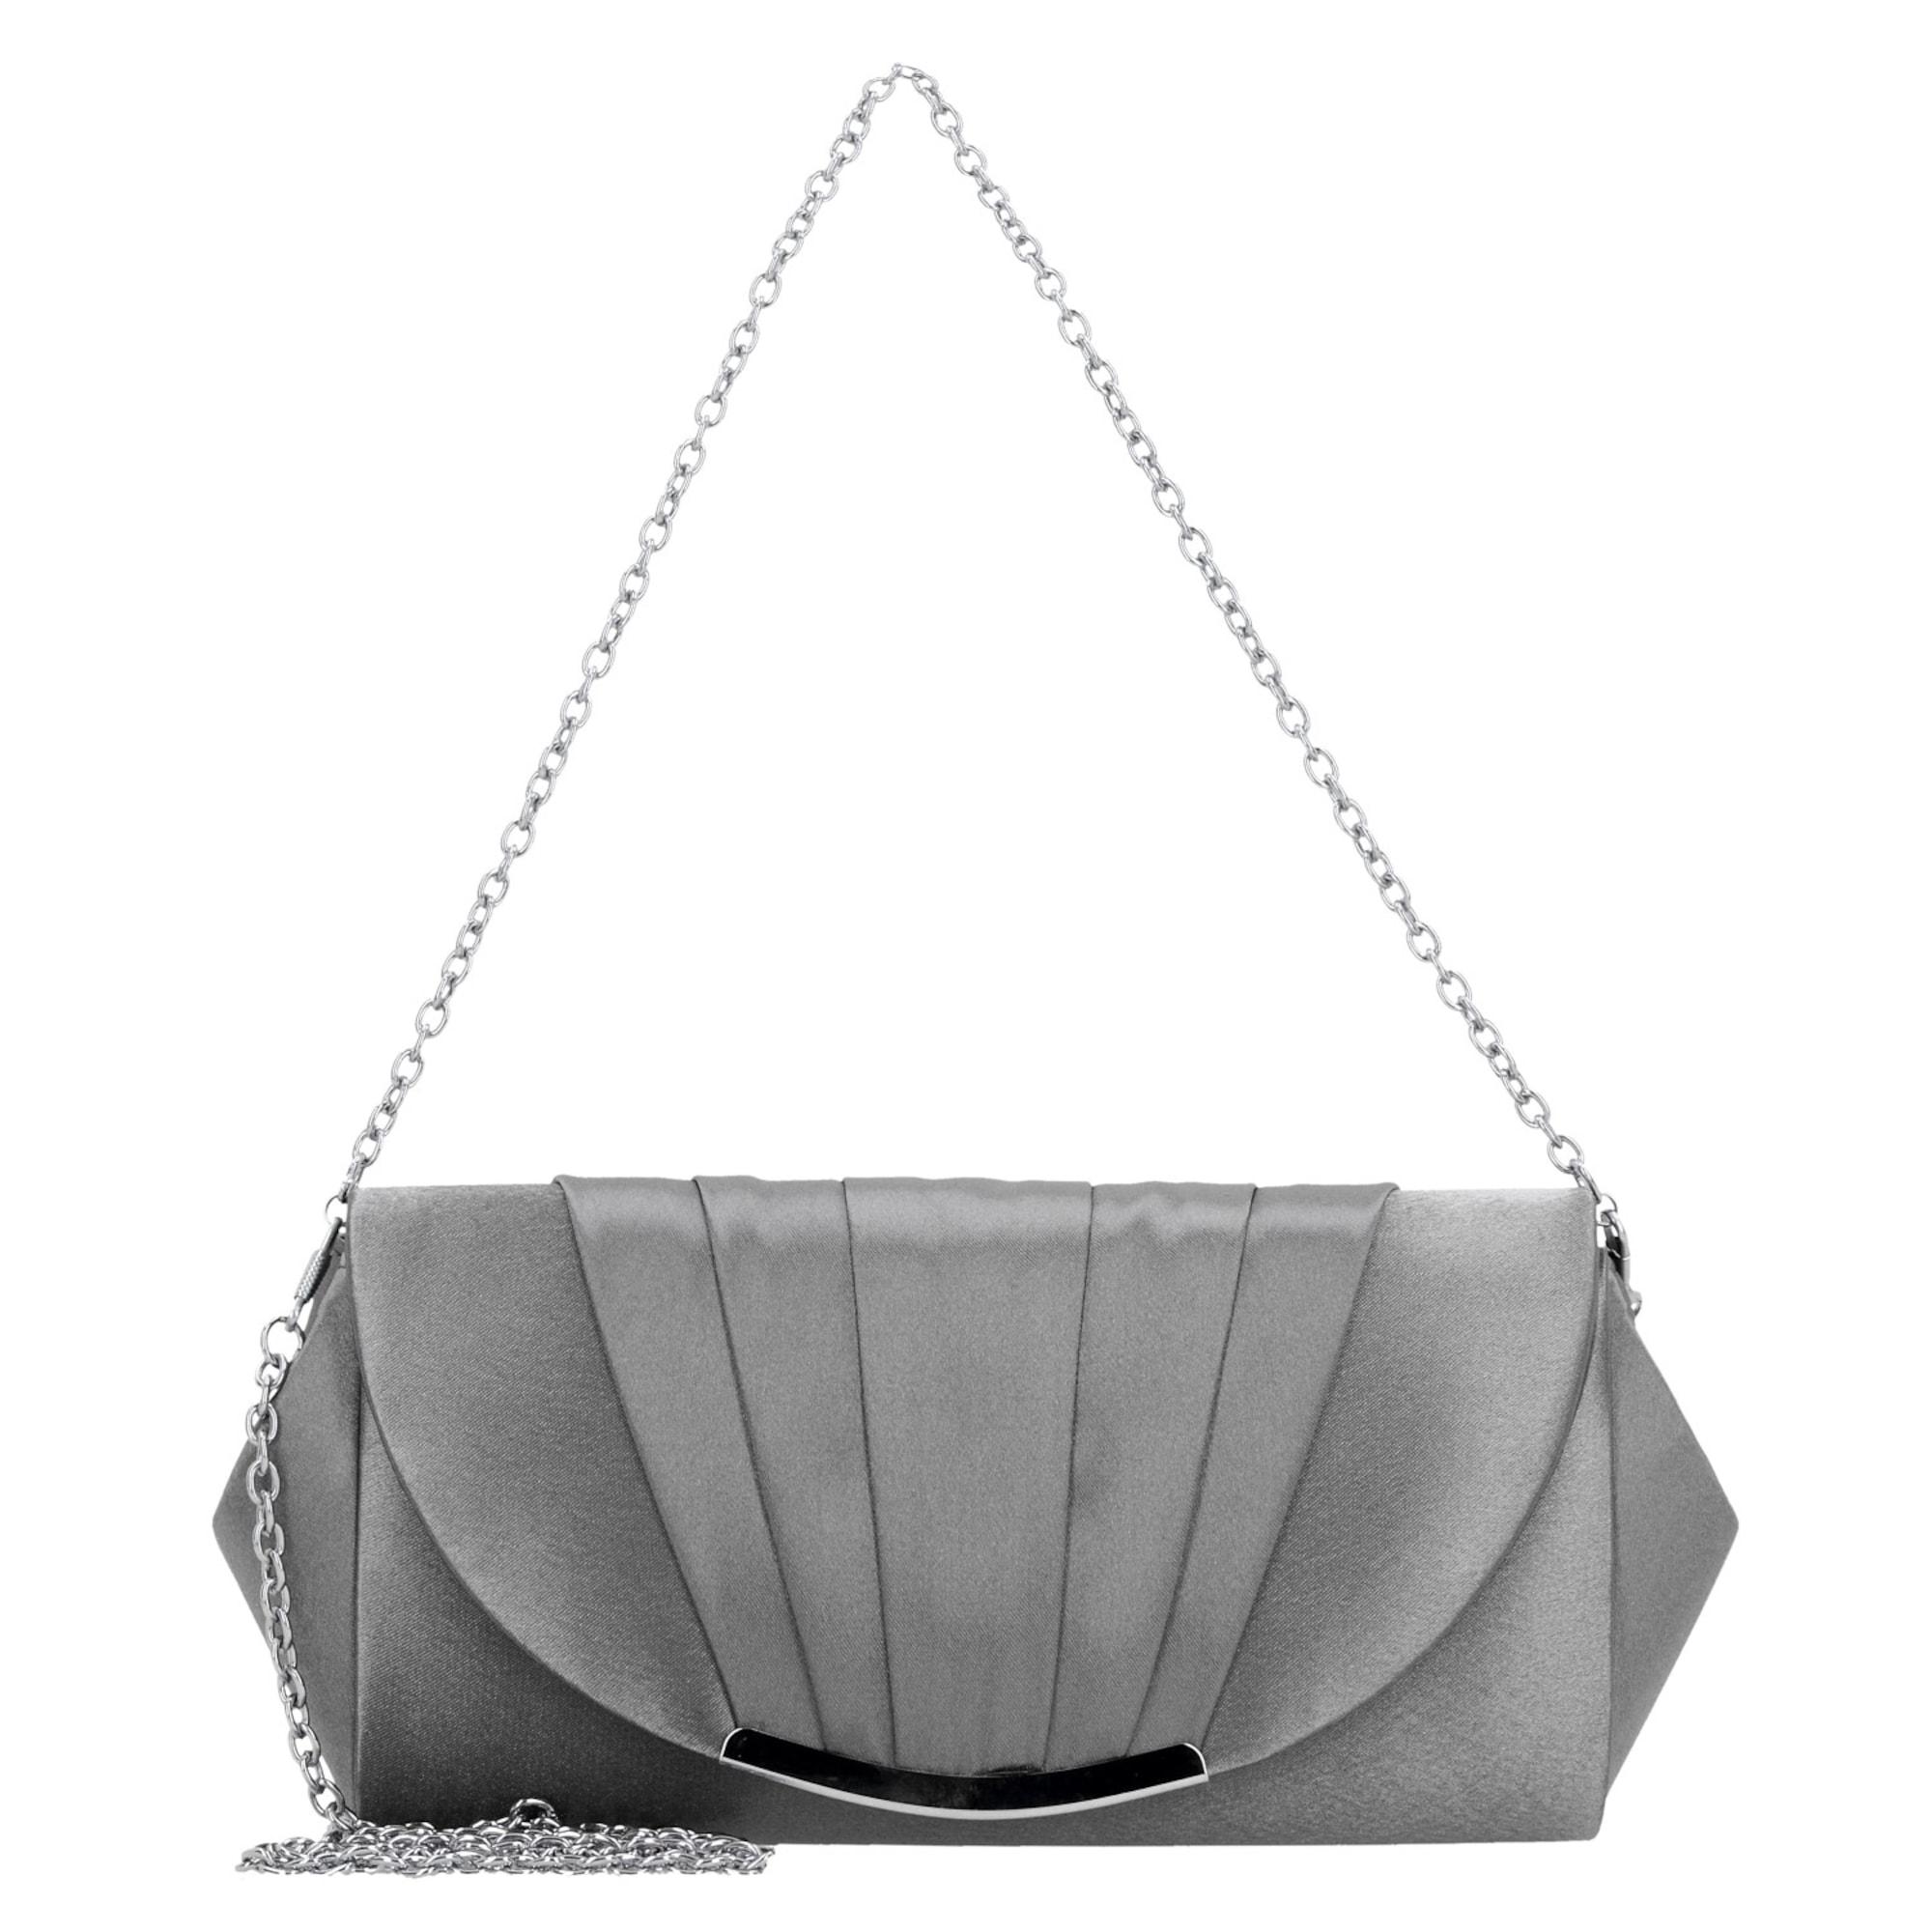 Abendtasche 'Scala' | Taschen > Handtaschen > Abendtaschen | Grau | Picard